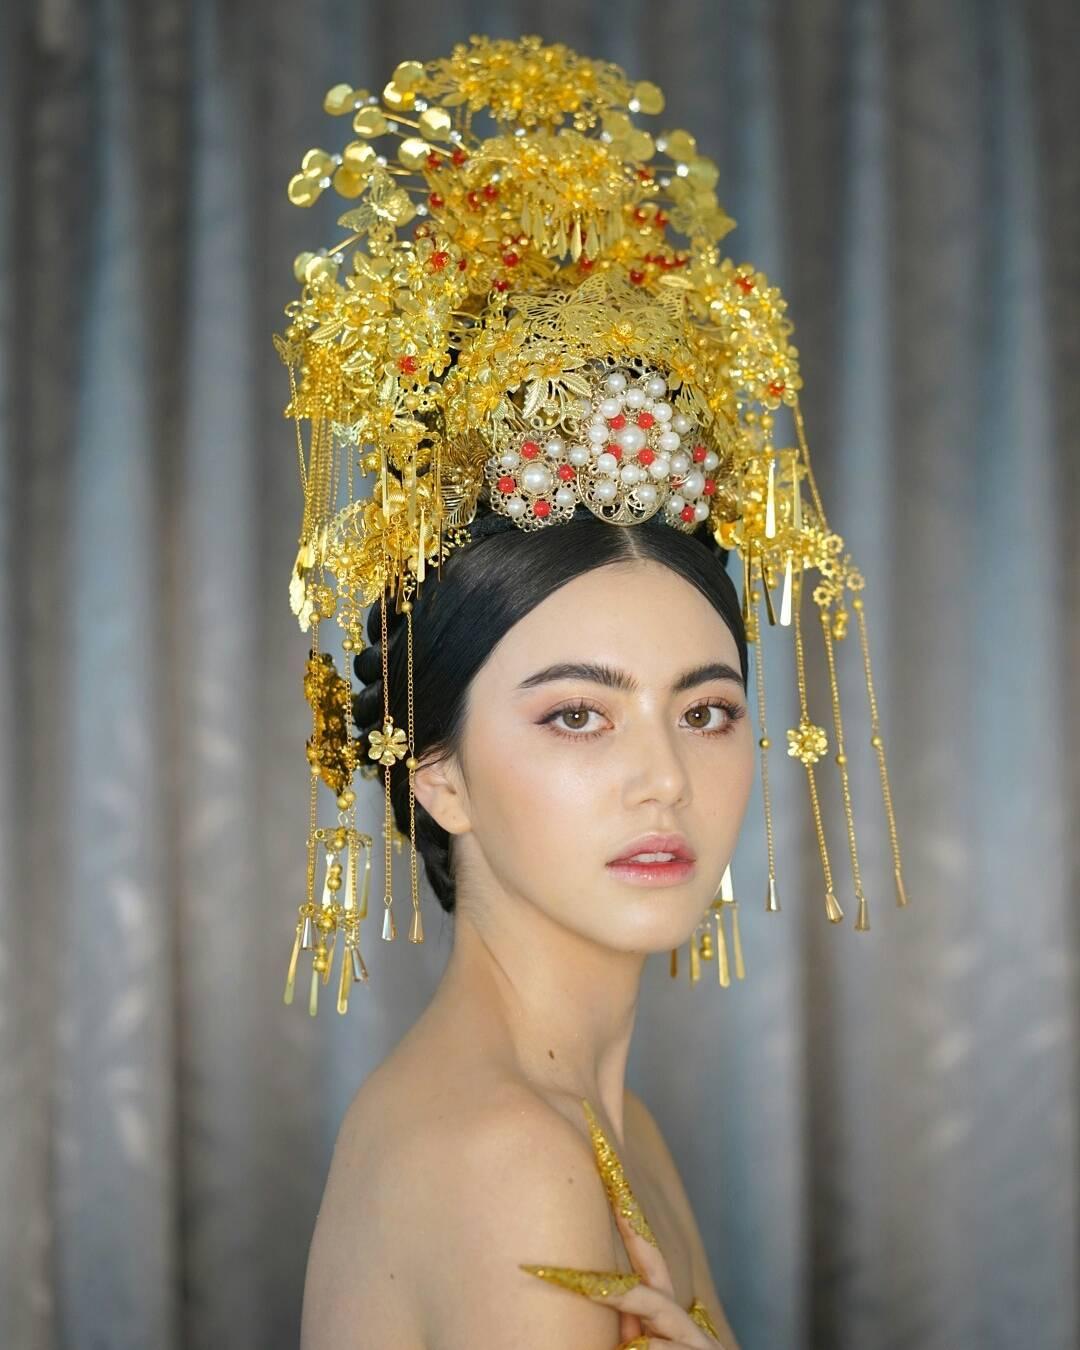 tai khoan instagram hot girl thai lan - Davikah - elle man 1